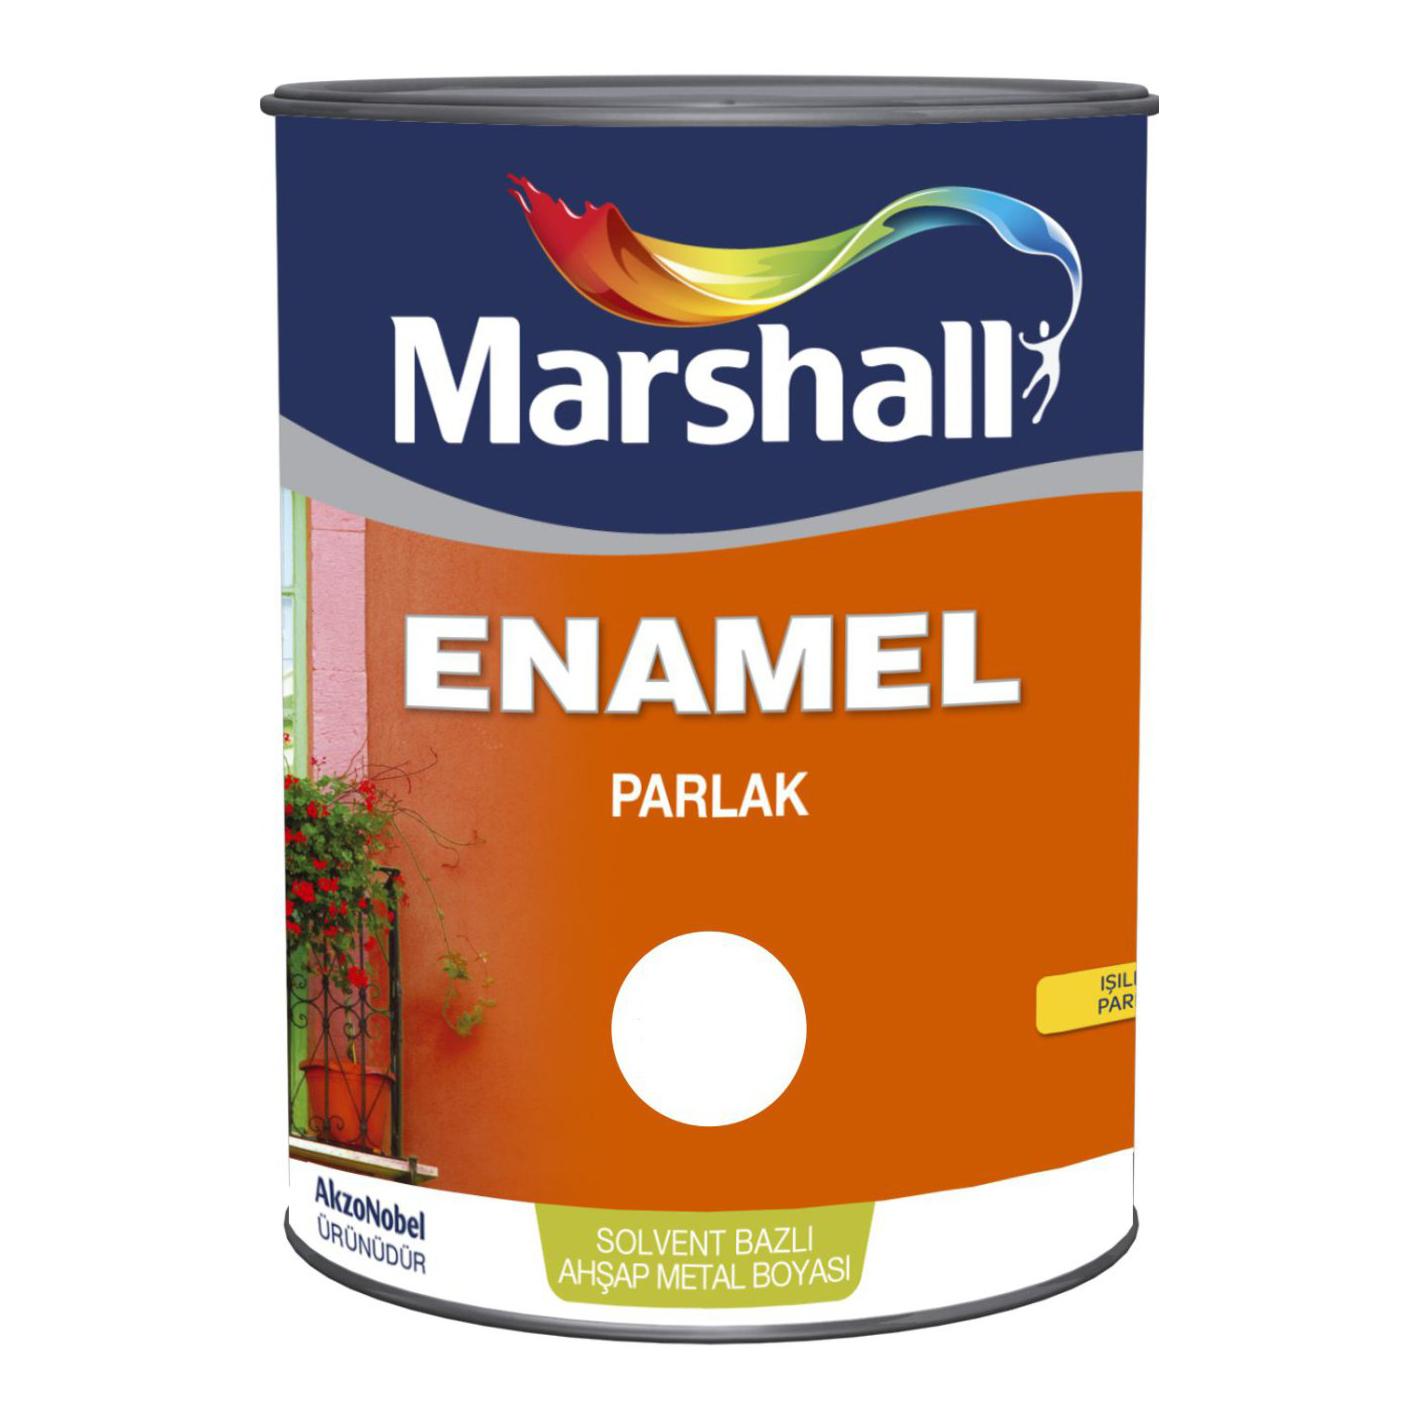 Marshall Enamel Parlak Fırtına 0.75Lt